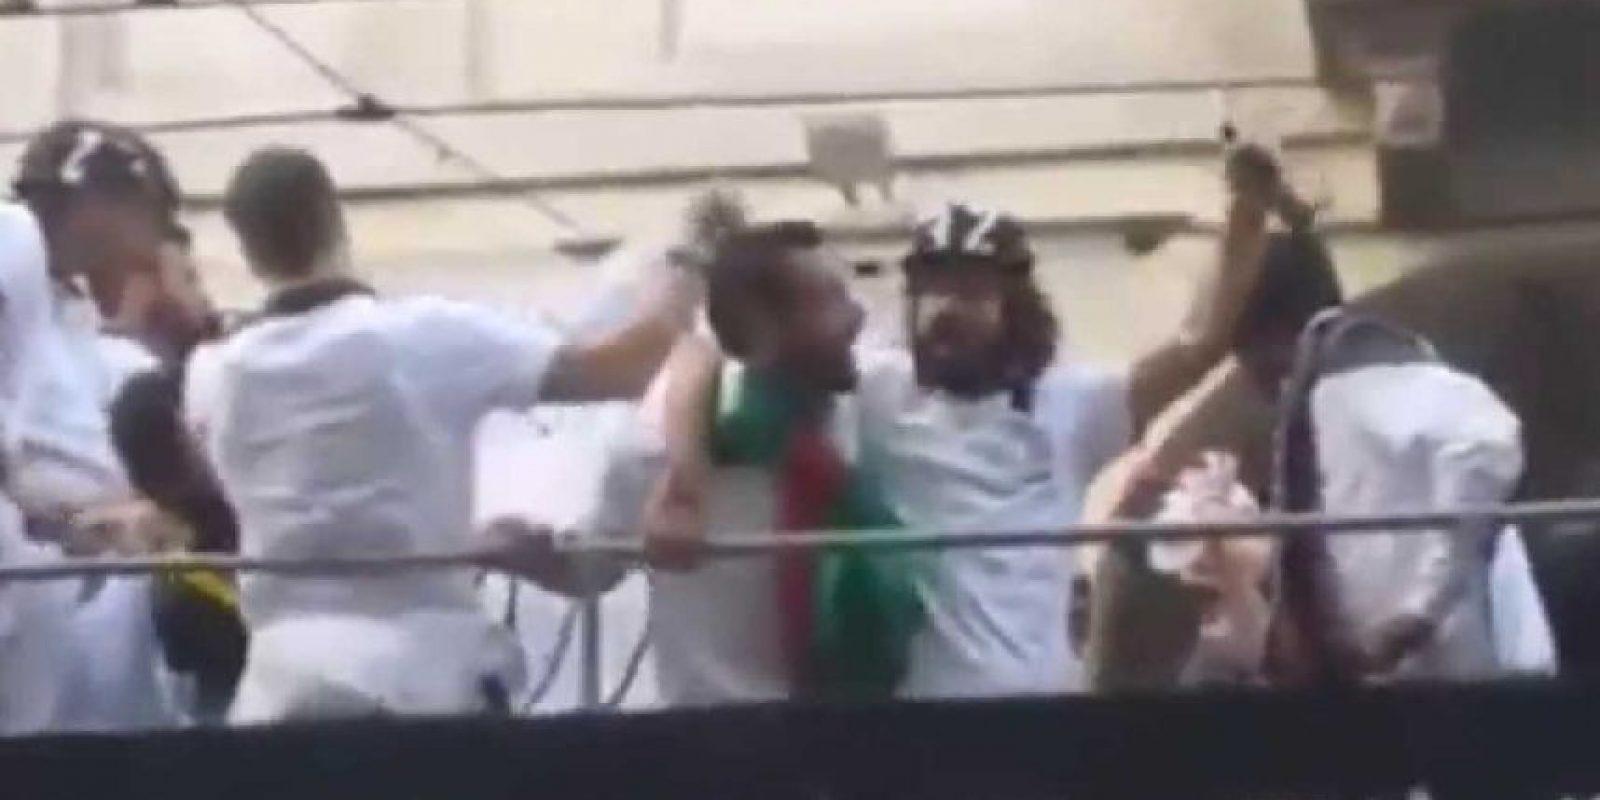 """En 2014, la Juventus festejó su tercer """"Scudetto"""" al hilo, lo cual llevó a los jugadores a festejar en un autobús especial en las calles de Turín. Ahí, la """"alegría"""" llevó a Pirlo a tomar de más y apareció visiblemente borracho en los festejos, tanto, que le costaba mantenerse de pie. Fotos de la celebración mostraron después al mediocampista dormido en la parte baja del vehículo a causa del alcohol. Foto:Vía Youtube.com/ItalianJazzFootball"""